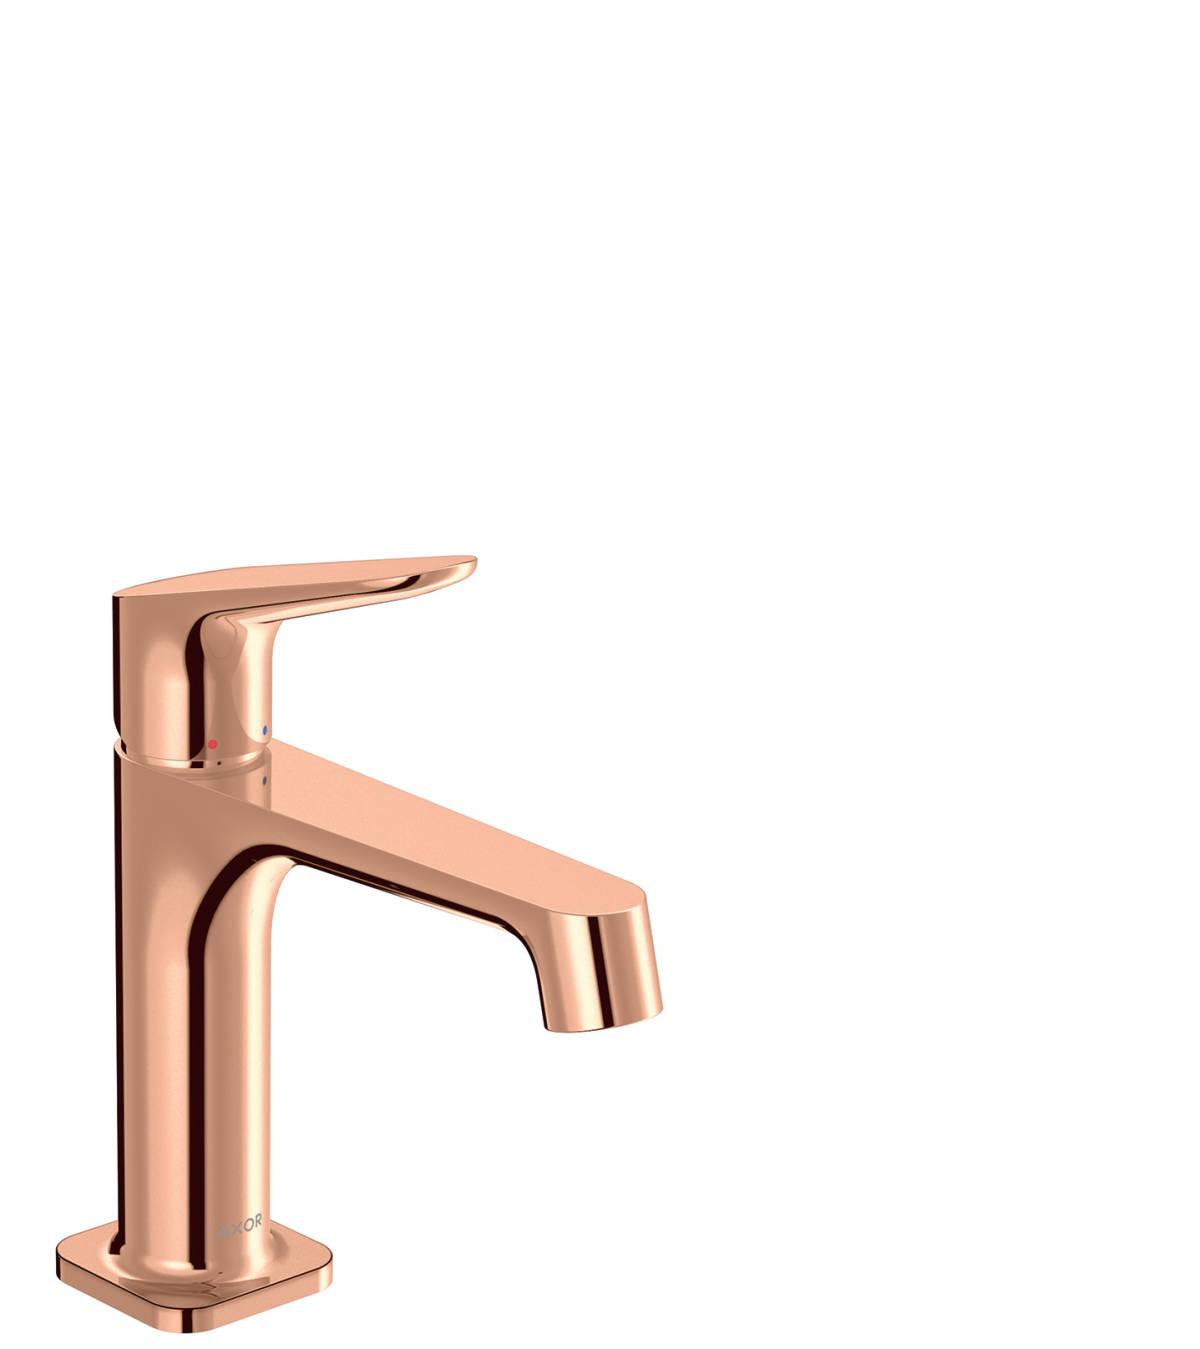 Mezclador monomando de lavabo 100 con vaciador, color oro rojo pulido, 34017300